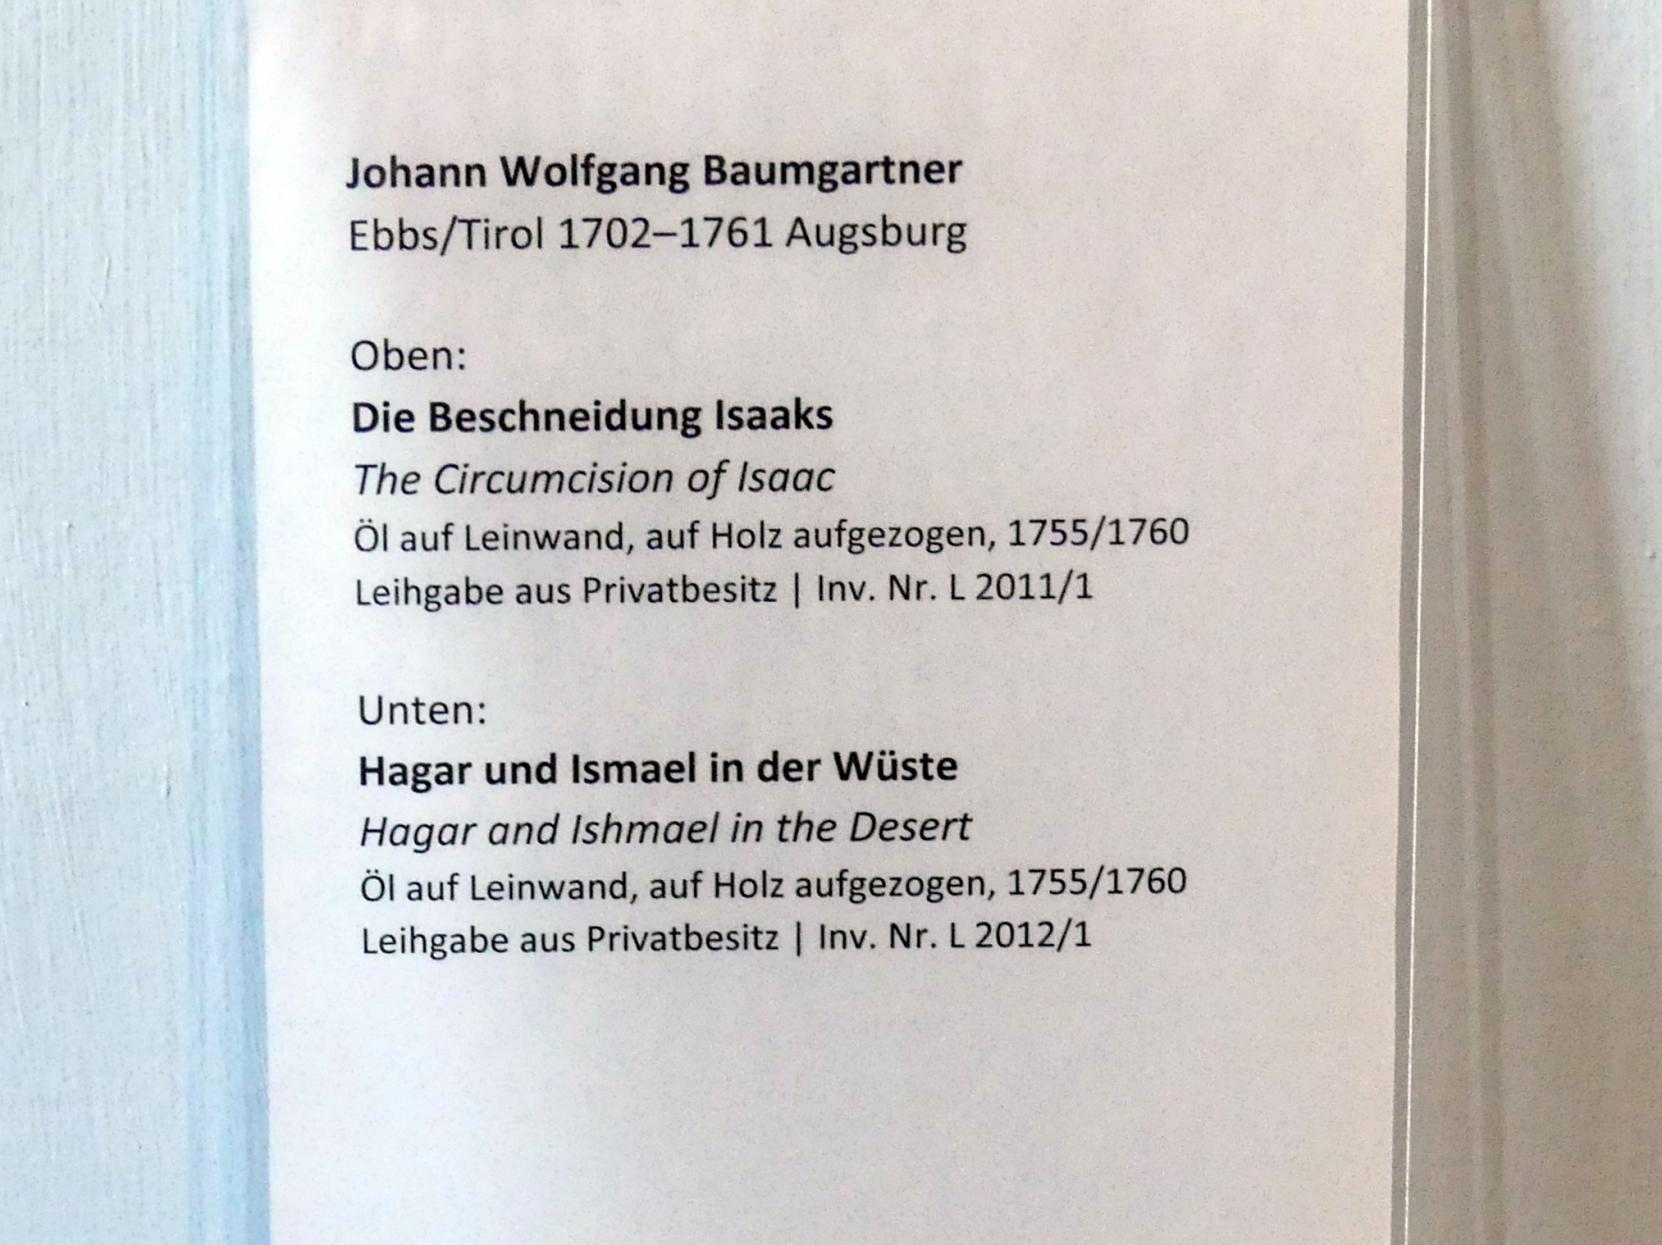 Johann Wolfgang Baumgartner: Hagar und Ismael in der Wüste, 1755 - 1760, Bild 2/2